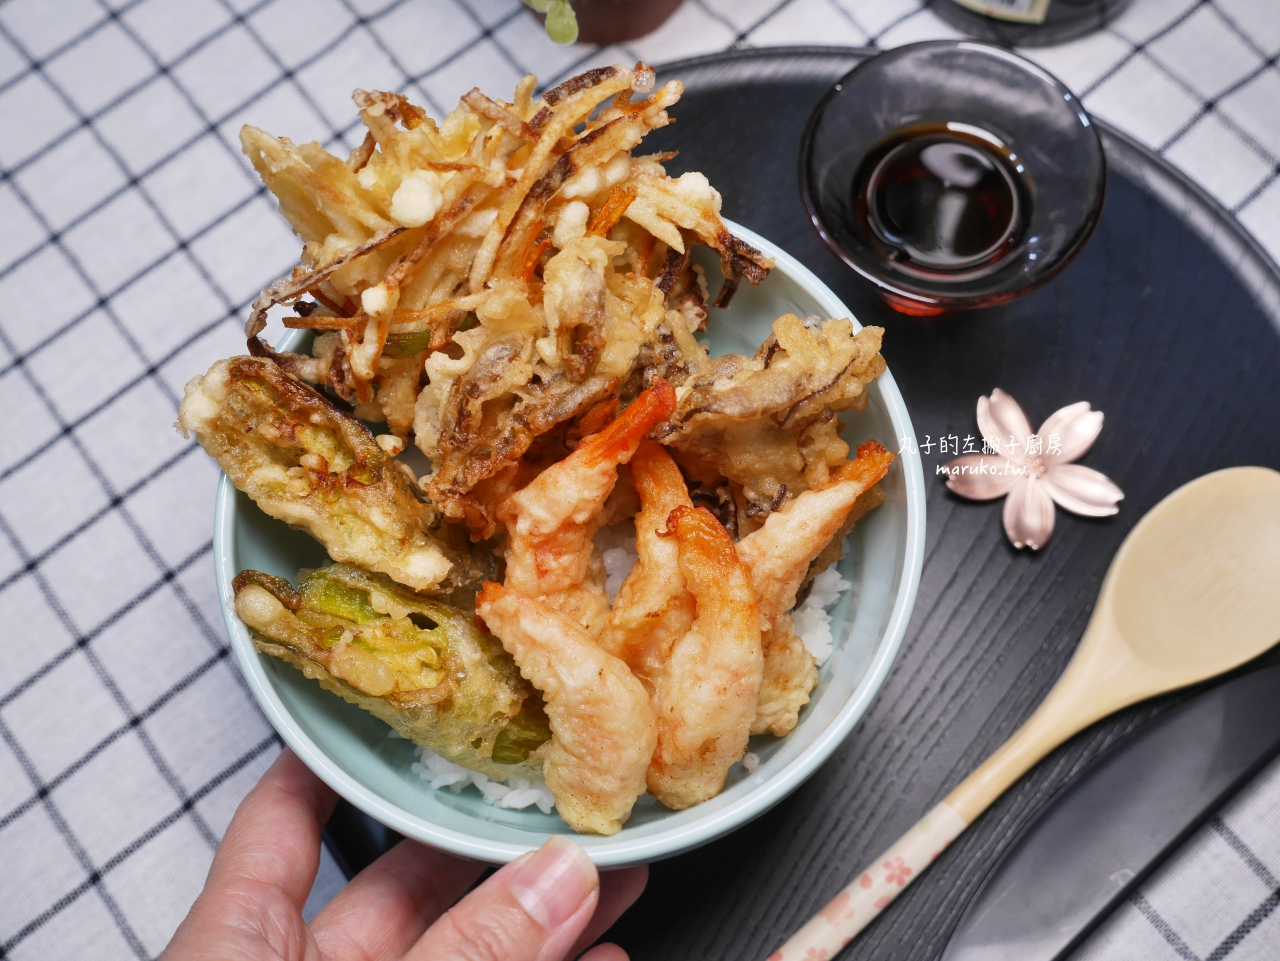 【食譜】日式海老天丼/超簡單天婦羅麵衣做法/沾醬一次搞定 @Maruko與美食有個約會